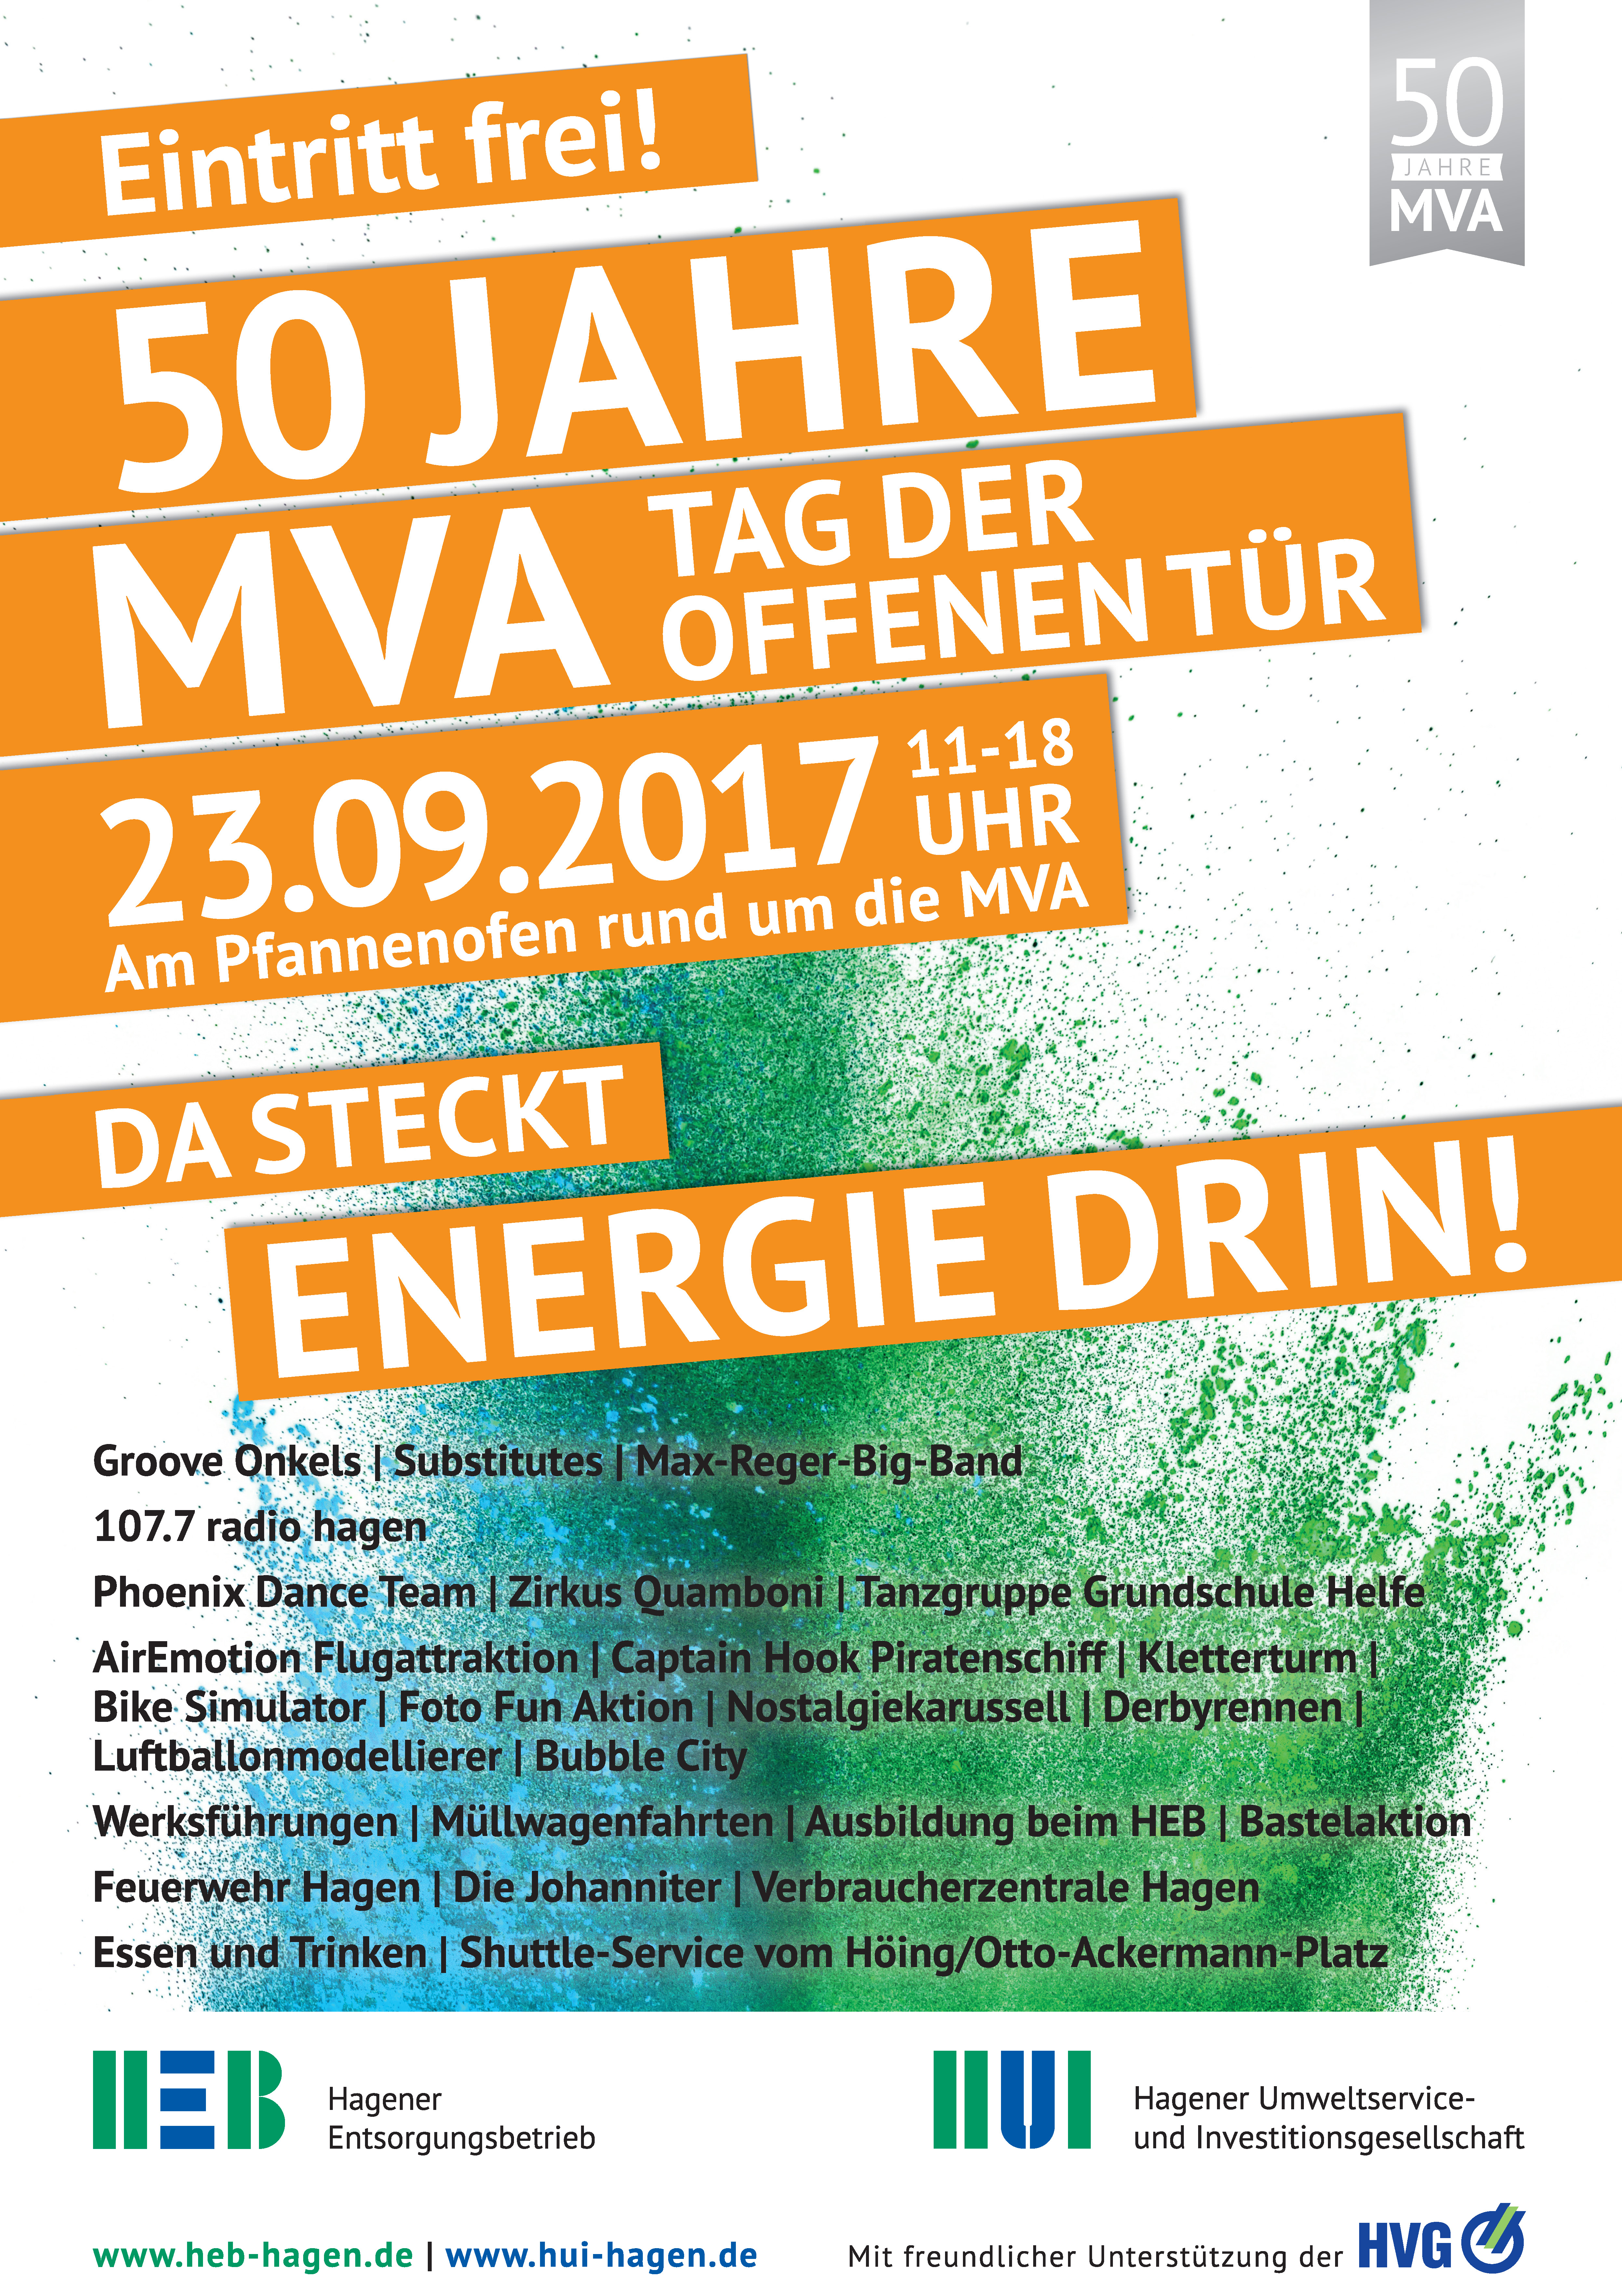 Hagens nächste Großveranstaltung – powered by AMW